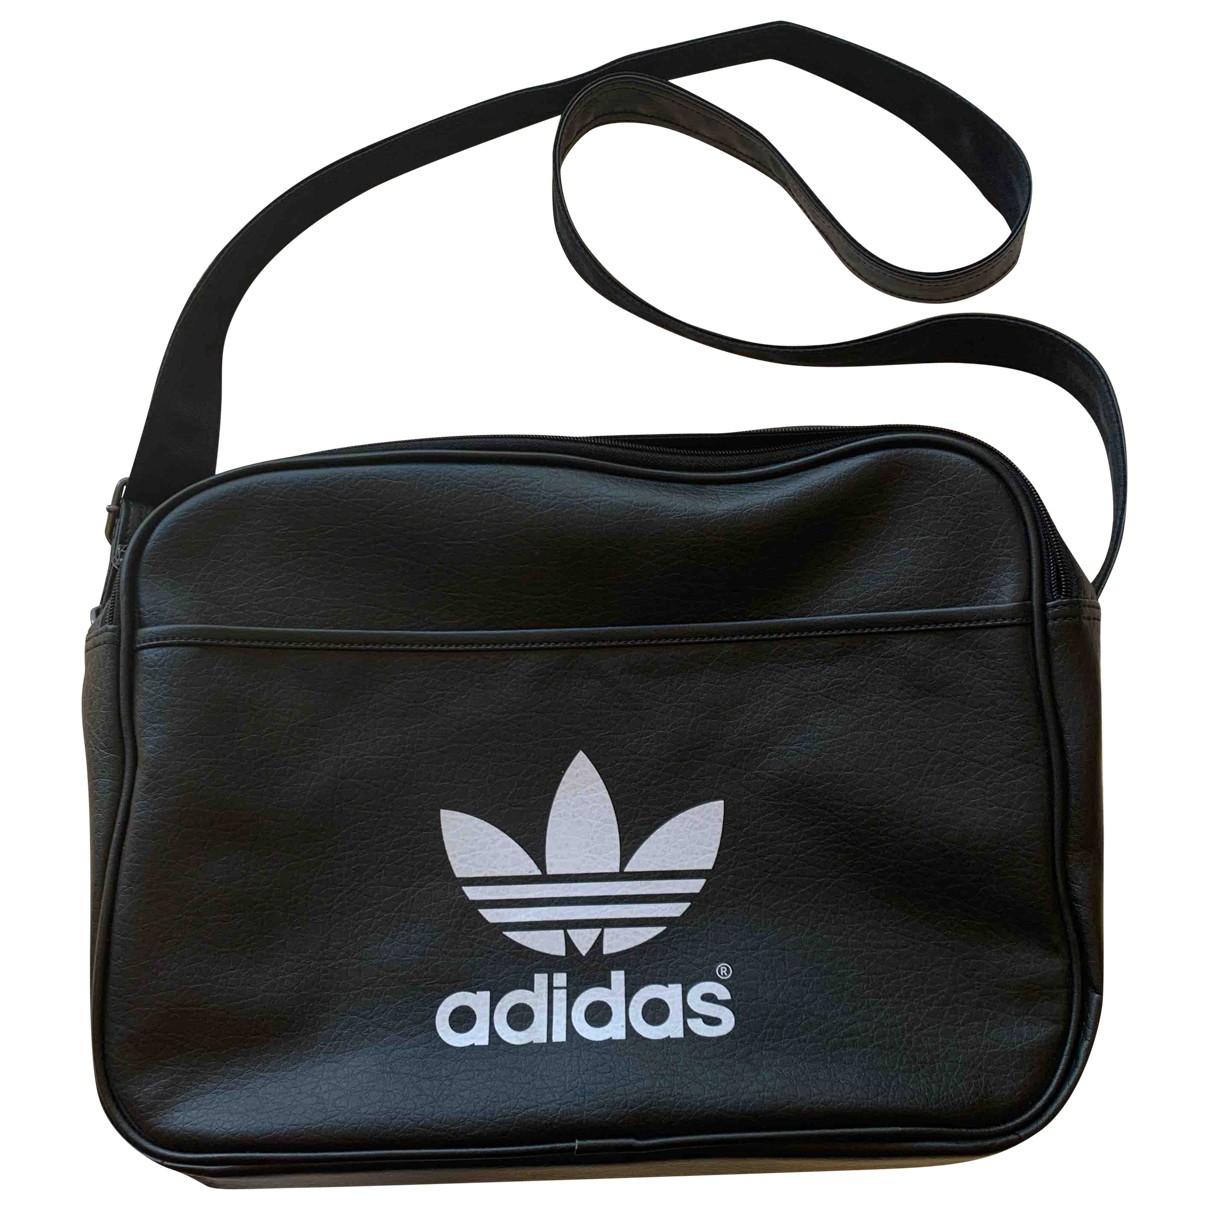 Adidas \N Taschen in  Schwarz Synthetik